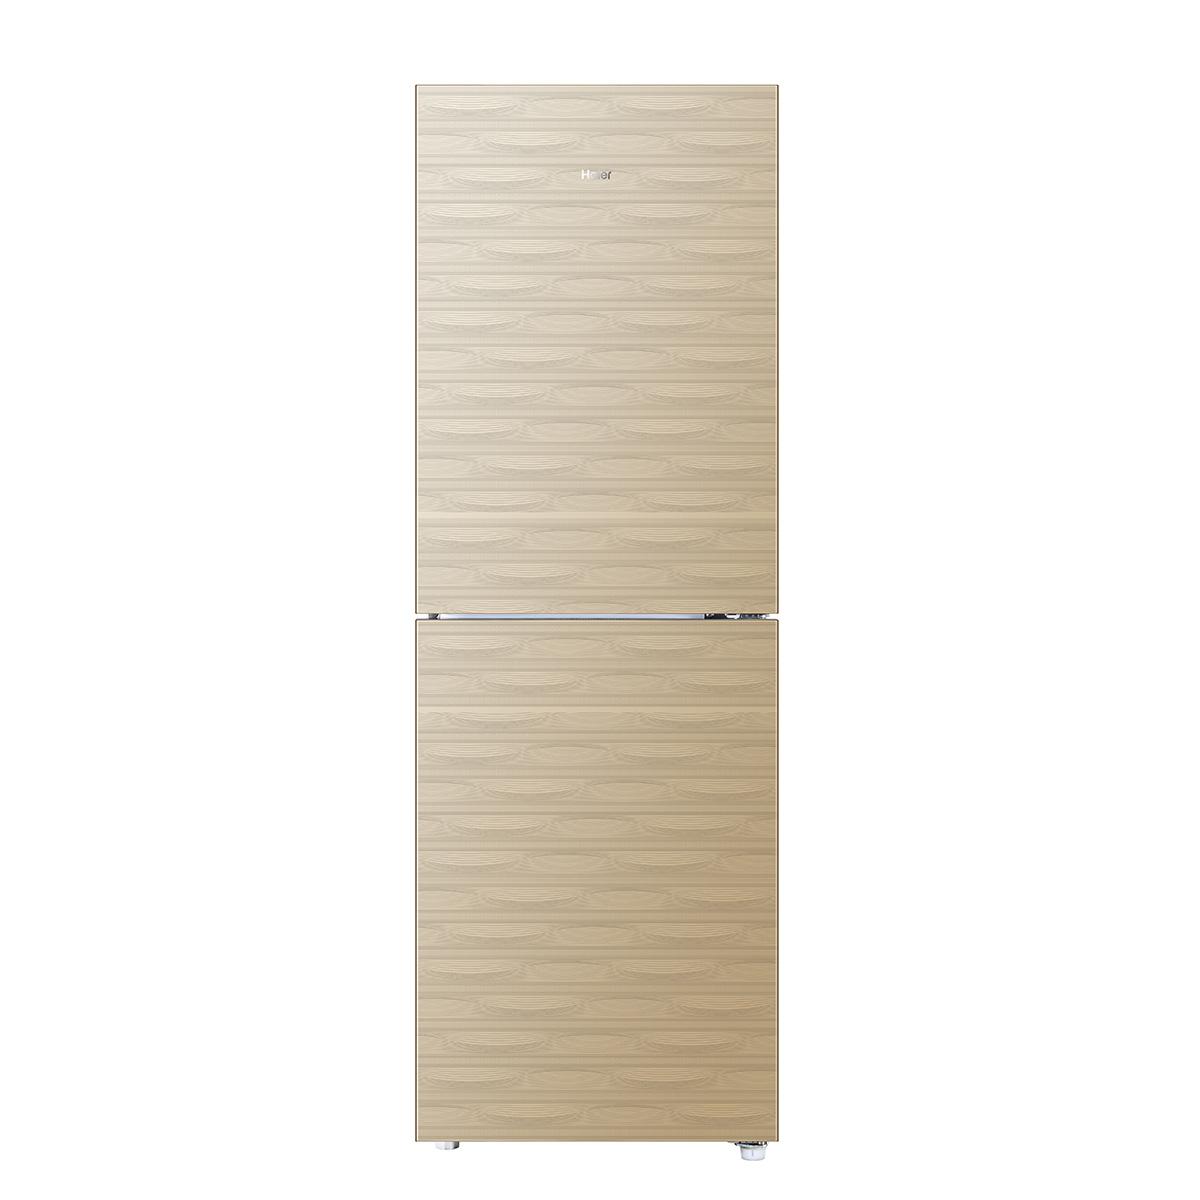 Haier/海尔             冰箱             BCD-221WDGQ